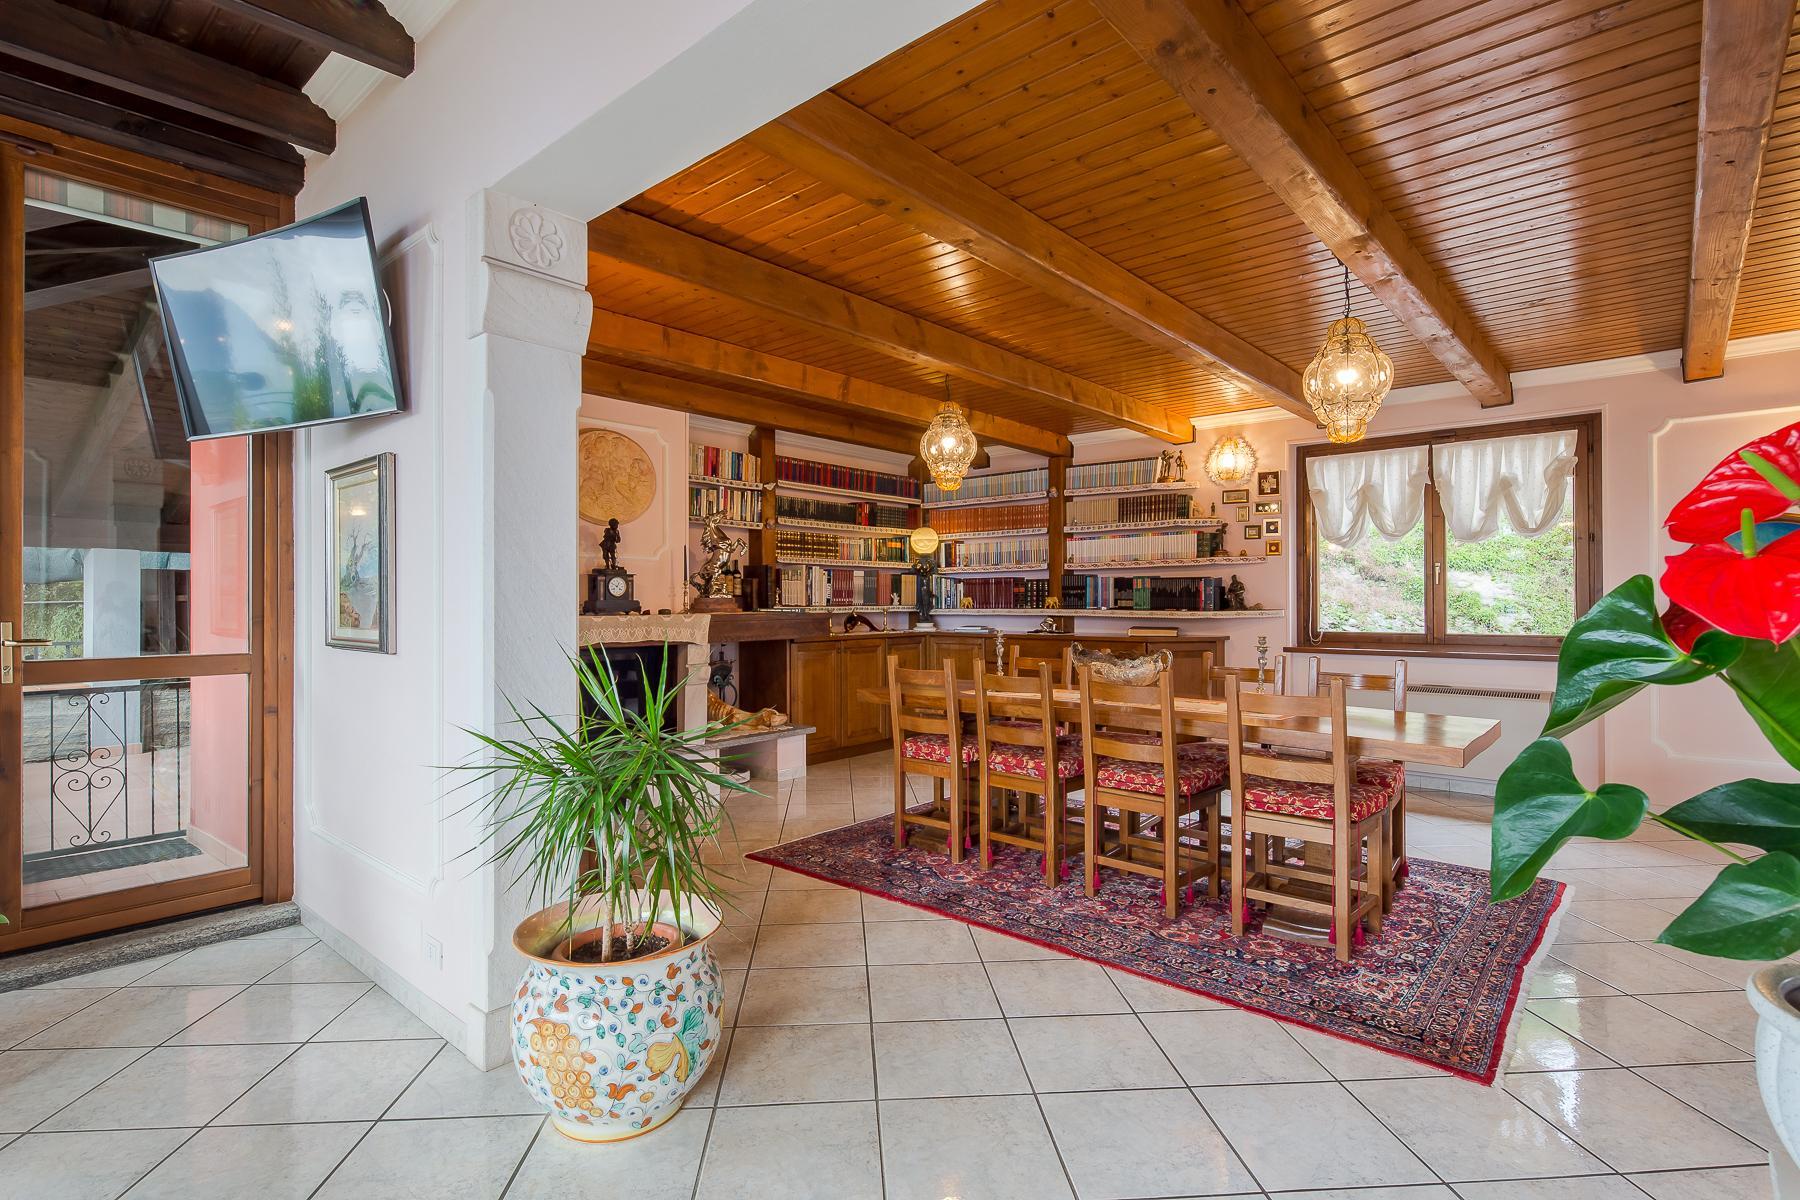 Villa unifamiliare nella zona collinare di Verbania con vista magnifica sul lago - 24